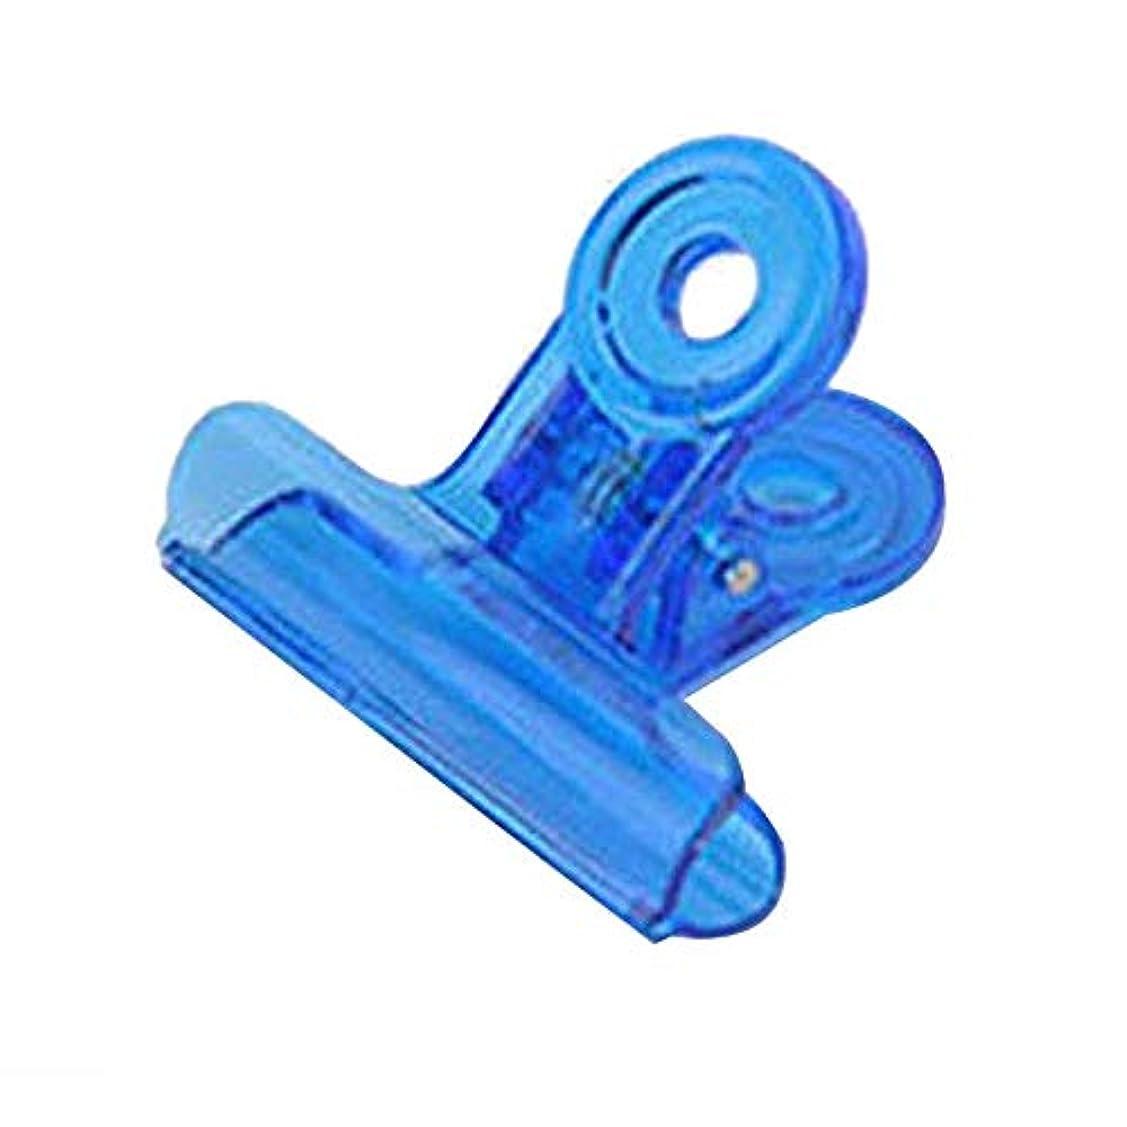 TOOGOO カーブネイルピンチクリップツール多機能プラスチック爪 ランダムカラー(ブルー)